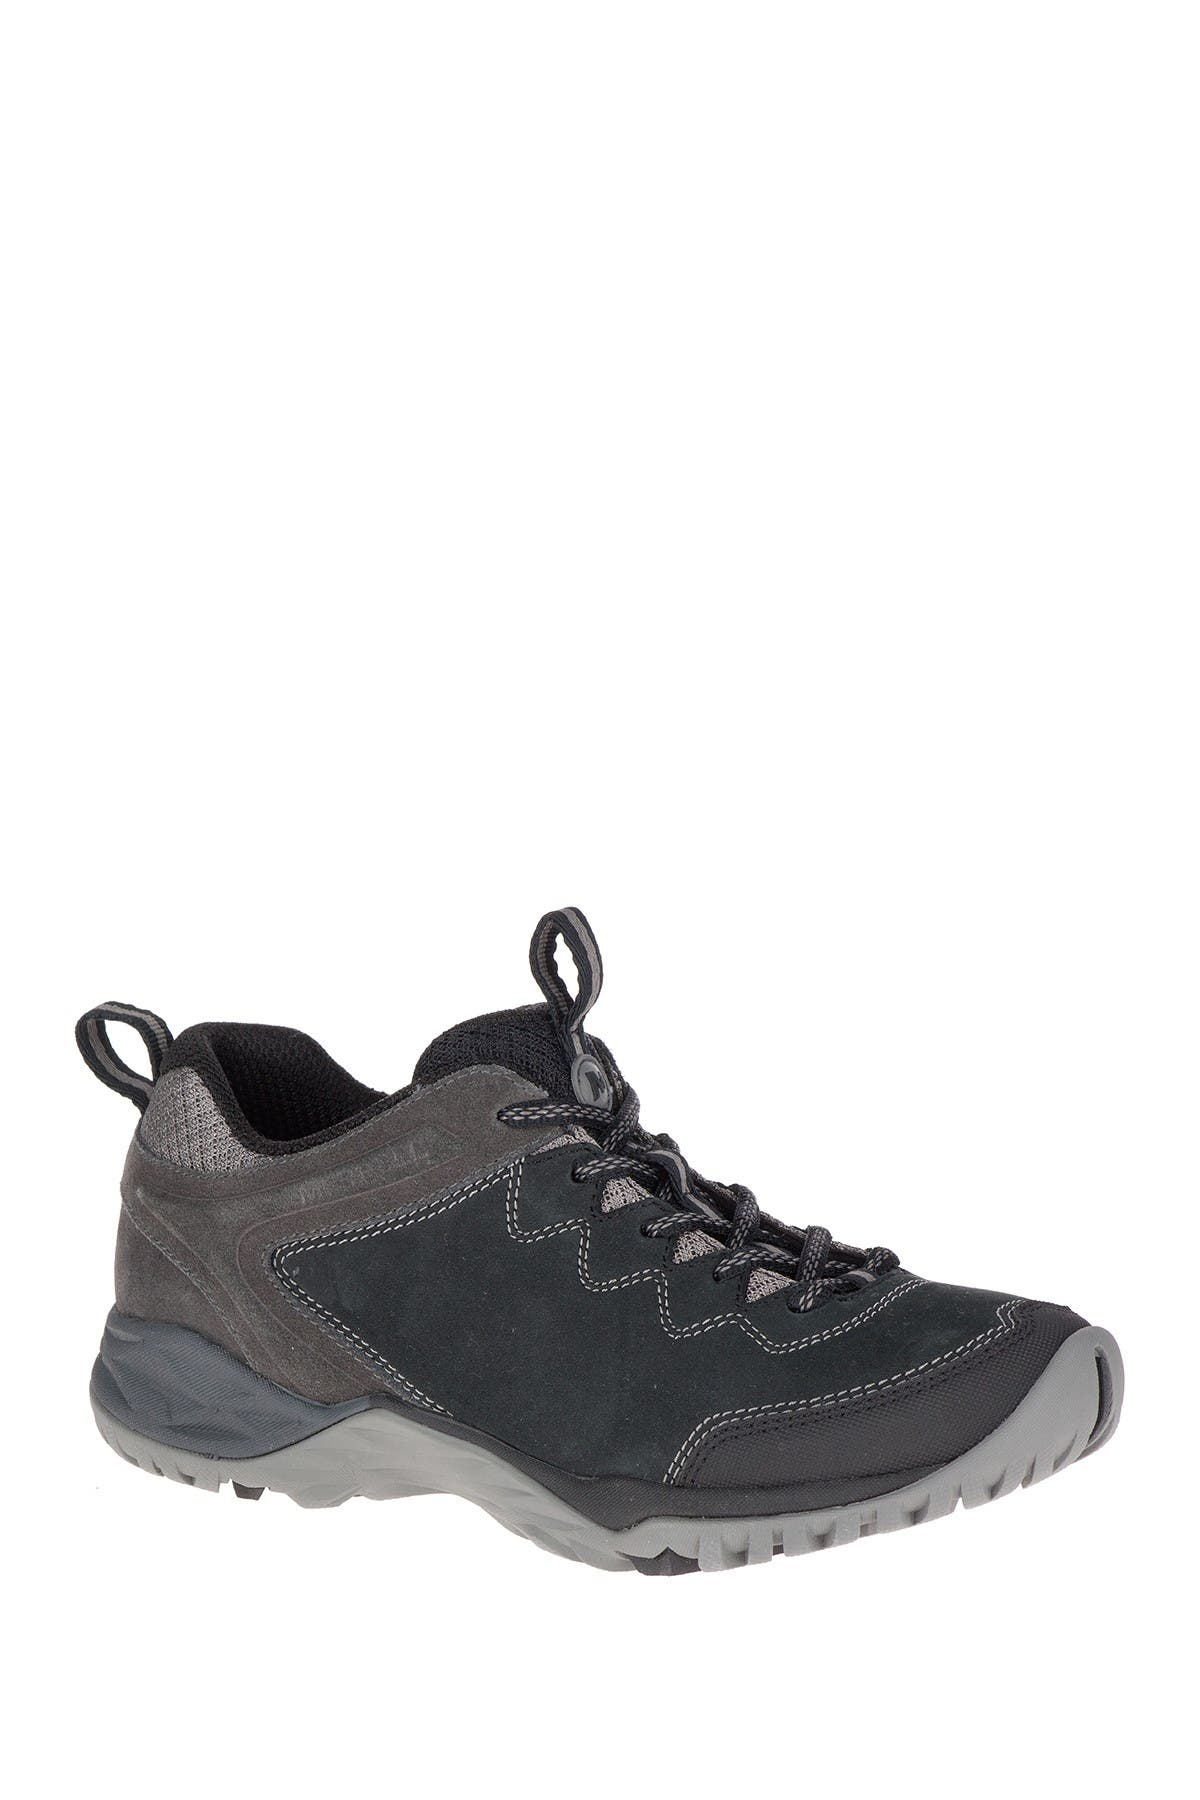 Image of Merrell Siren Traveller Leather Sneaker